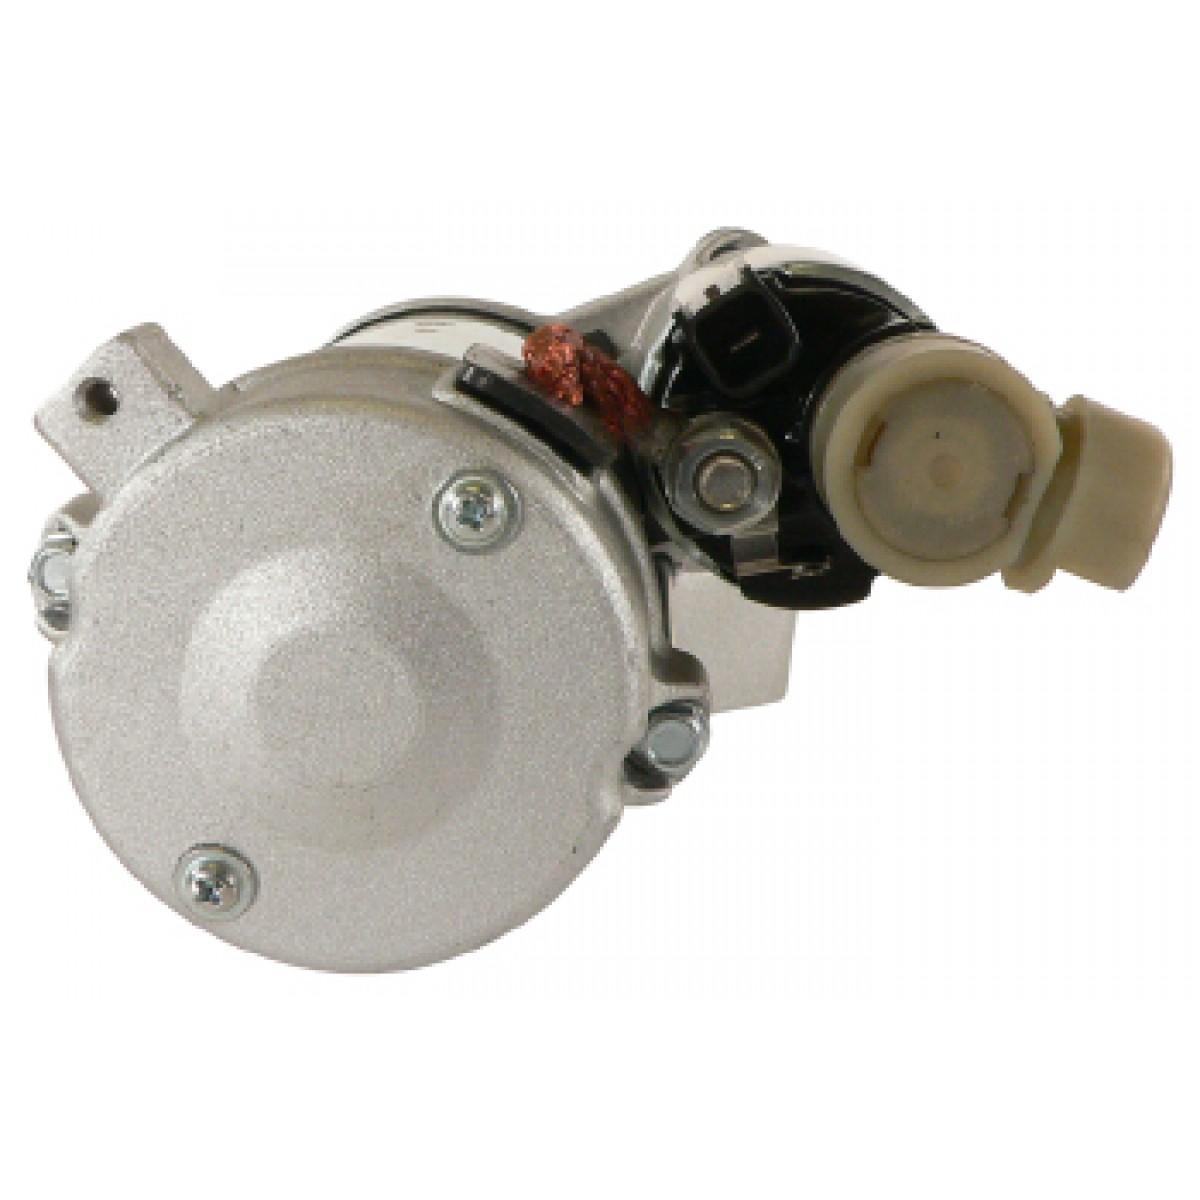 New DENSO Starter For ACURA RL, TL 2009-2011